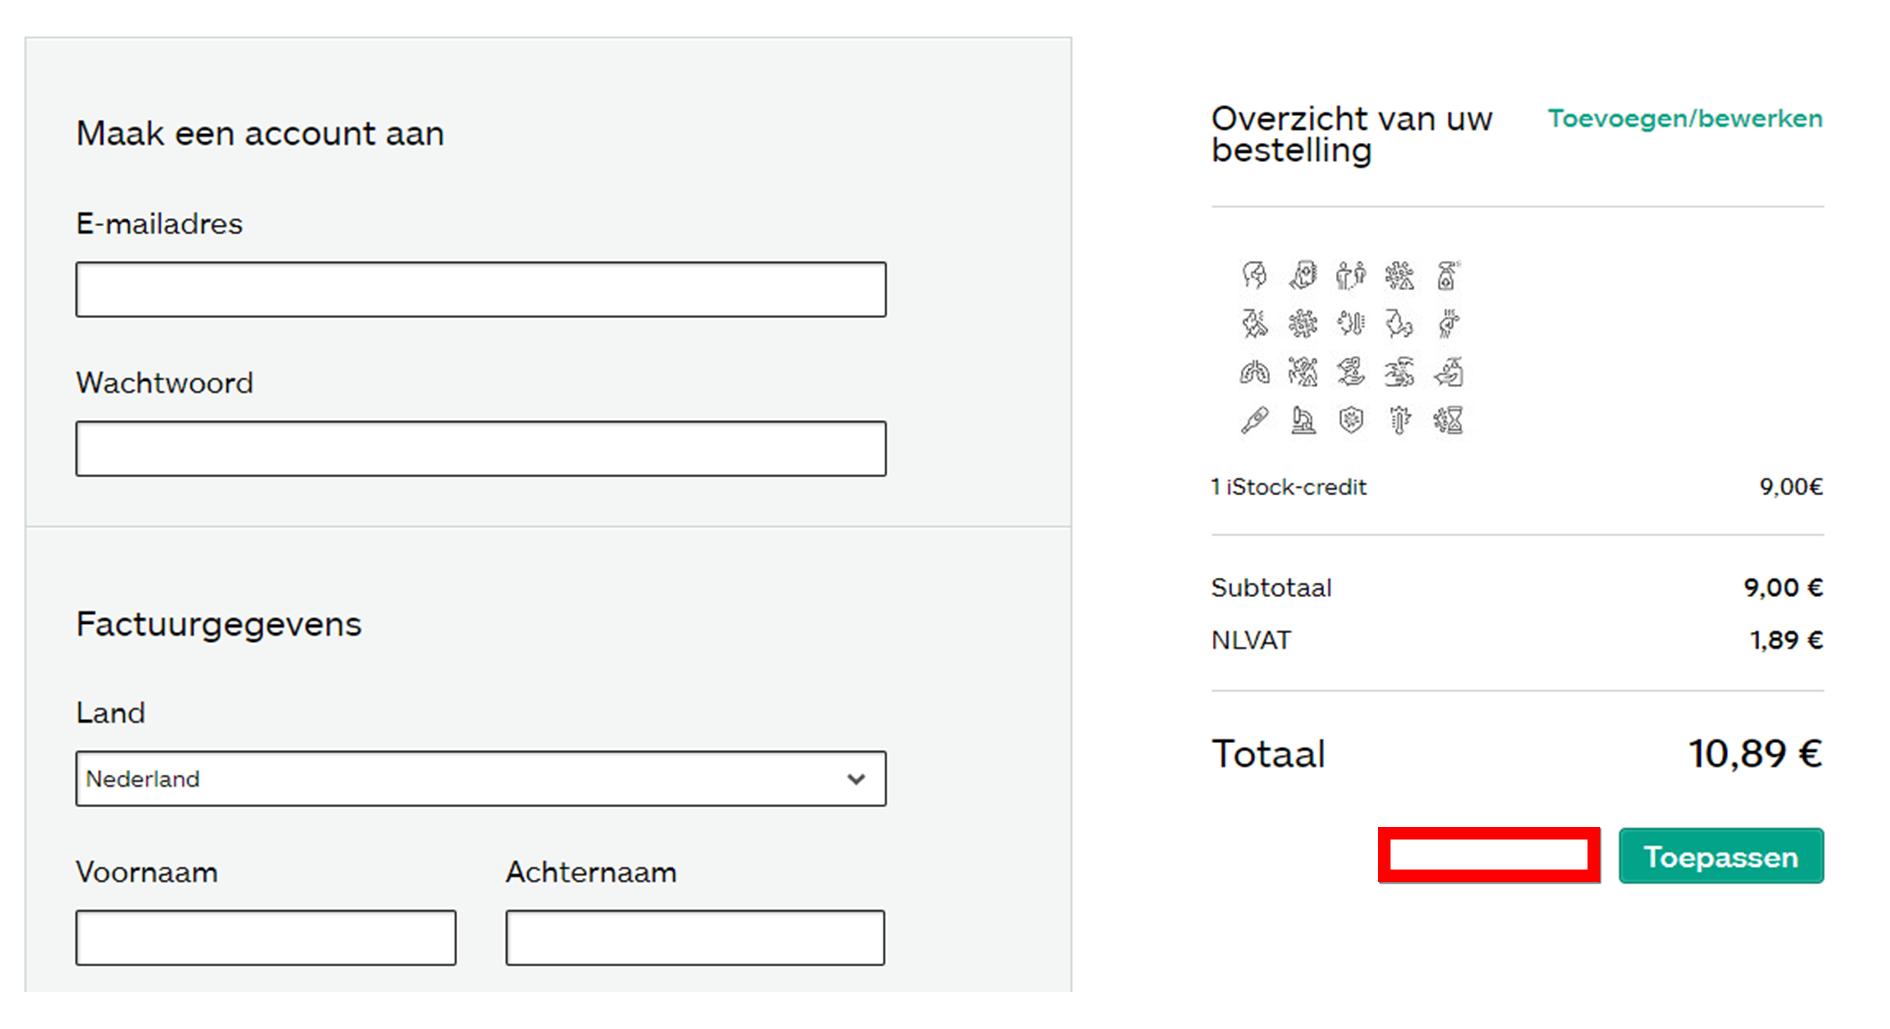 iStock kortingscode gebruiken